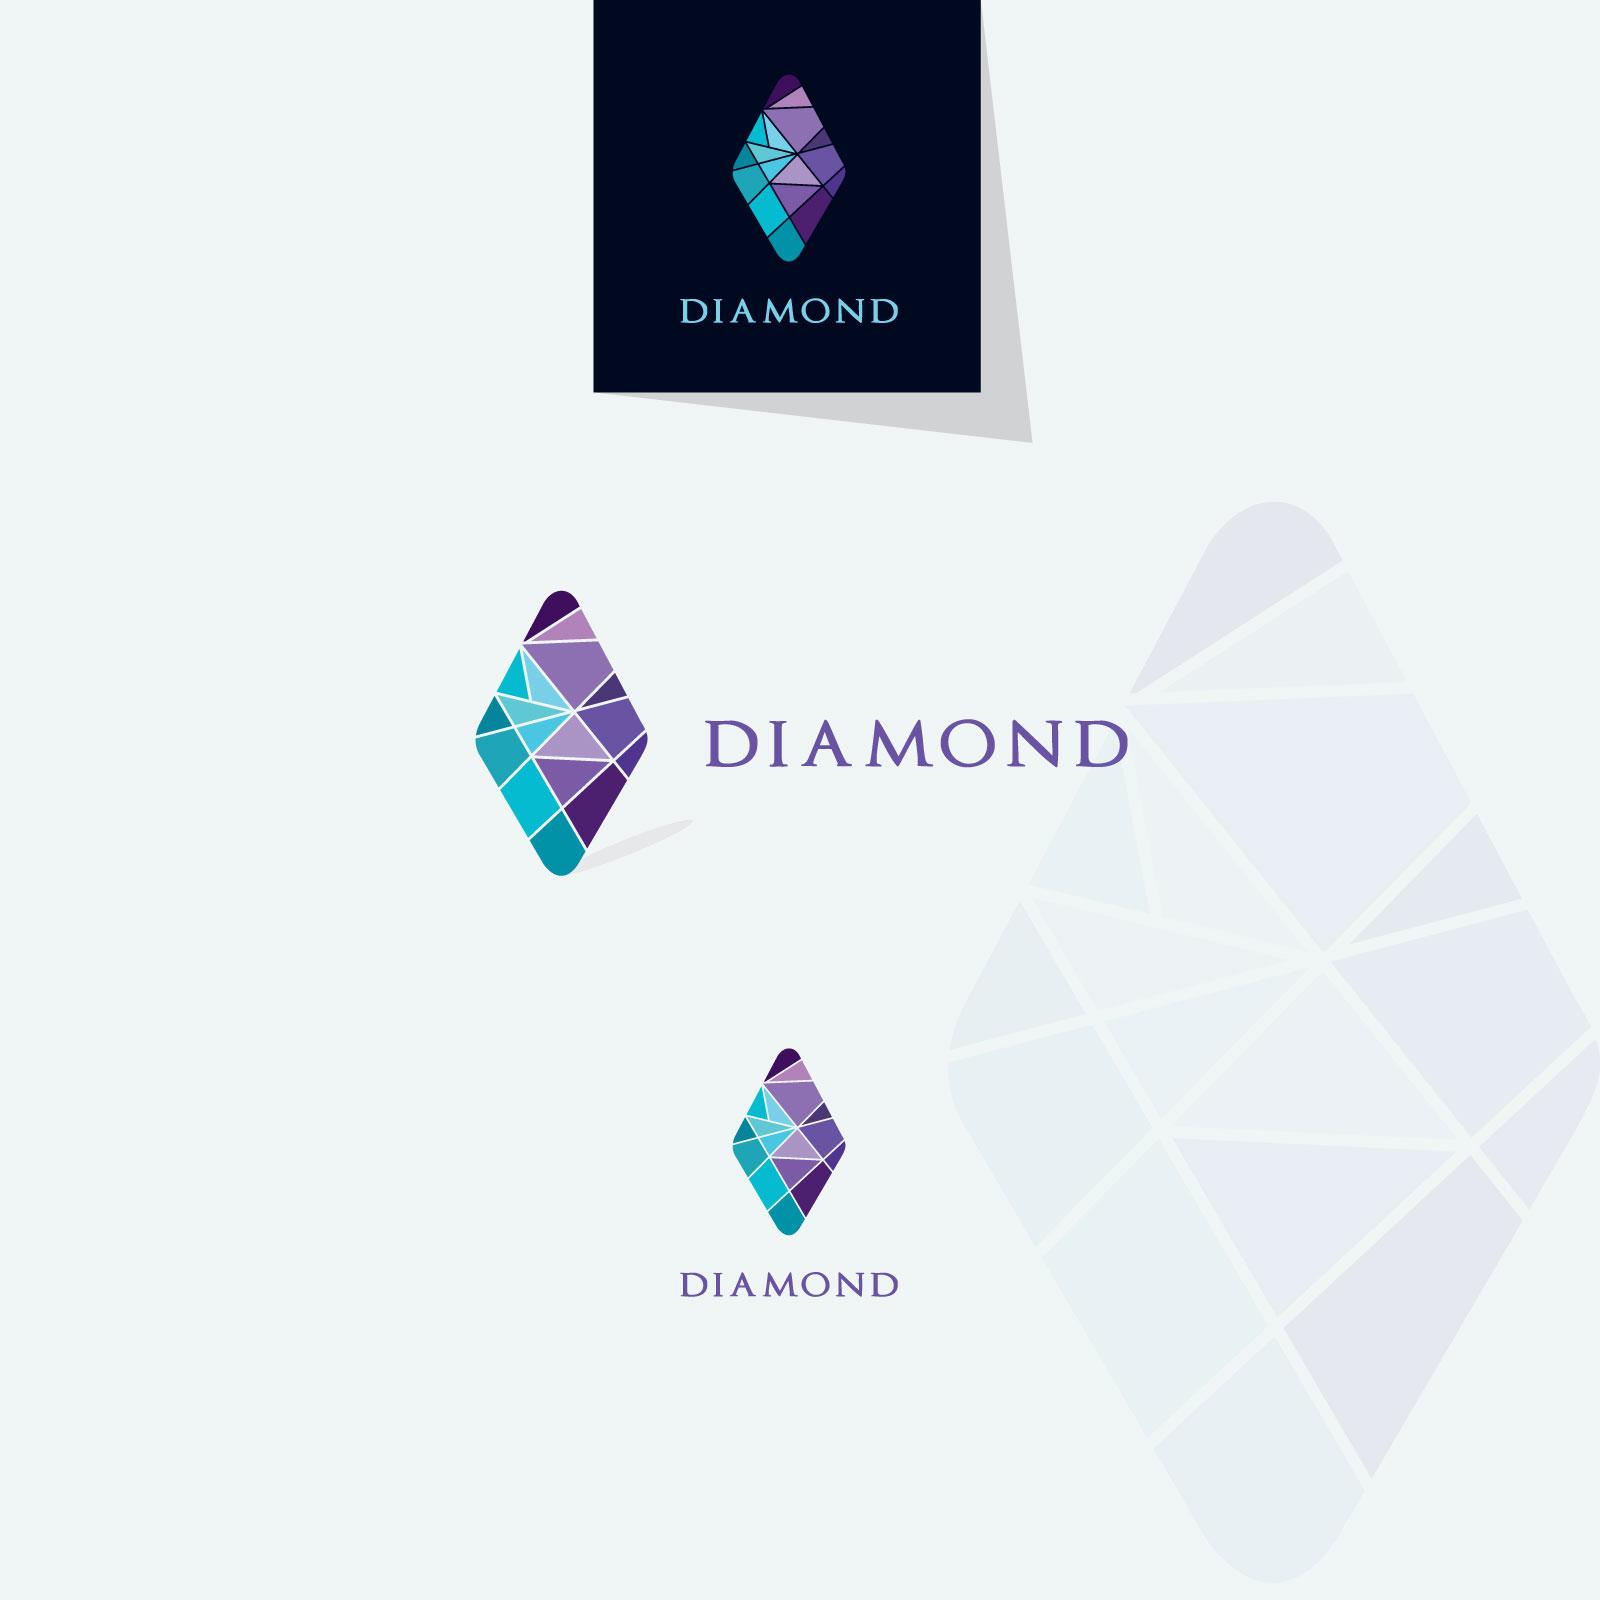 Diamond vector logos collection example image 2